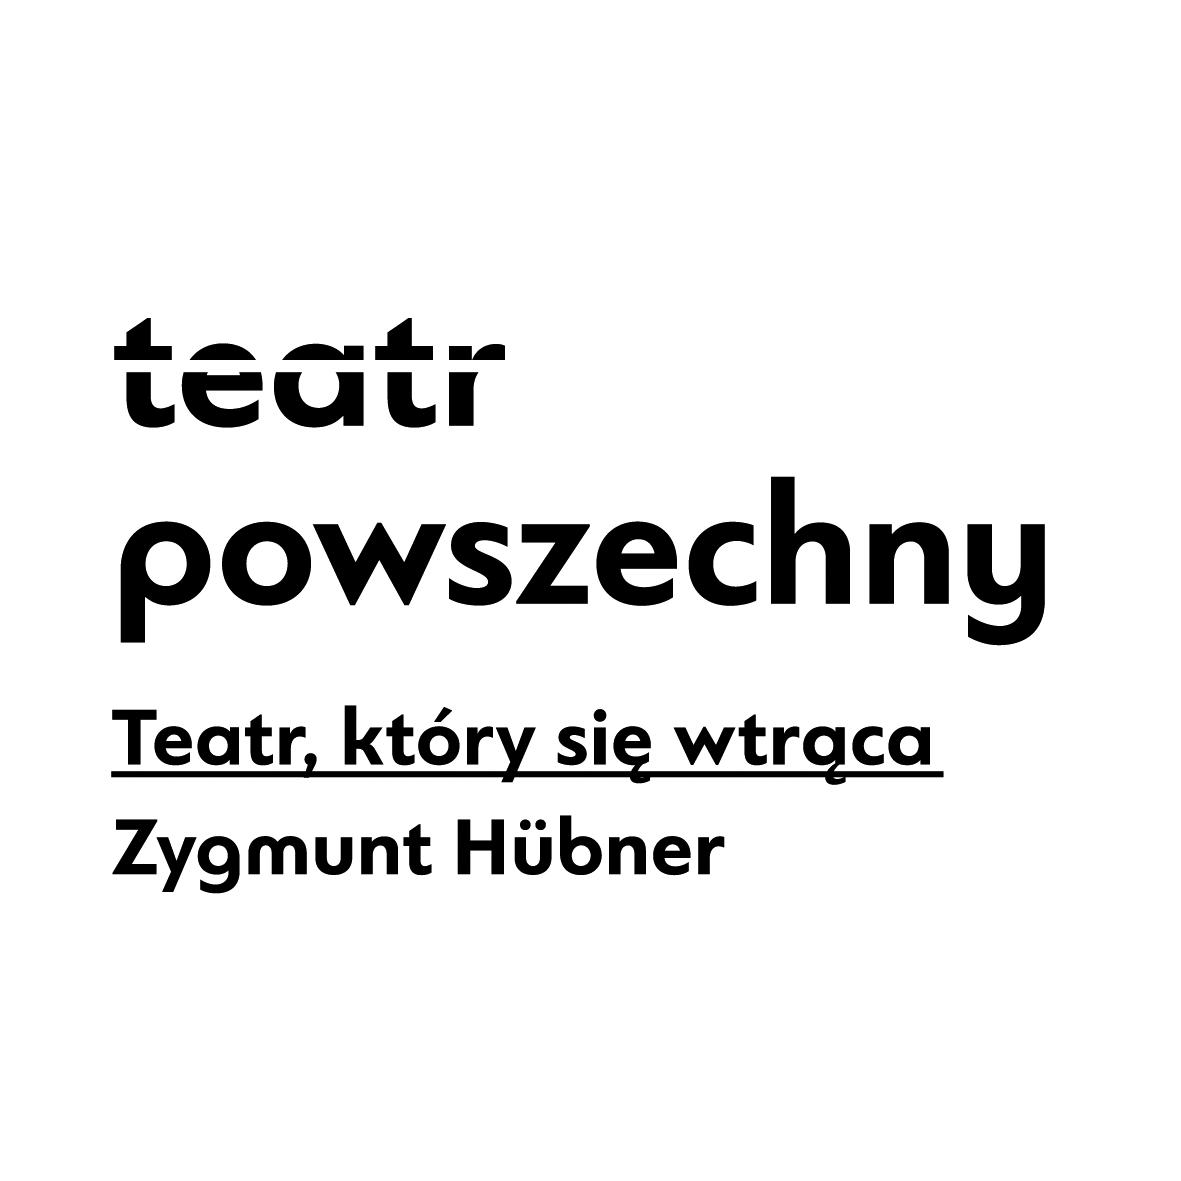 Teatr Powszechny im. Zygmunta Hubnera (źródło: materiały prasowe)